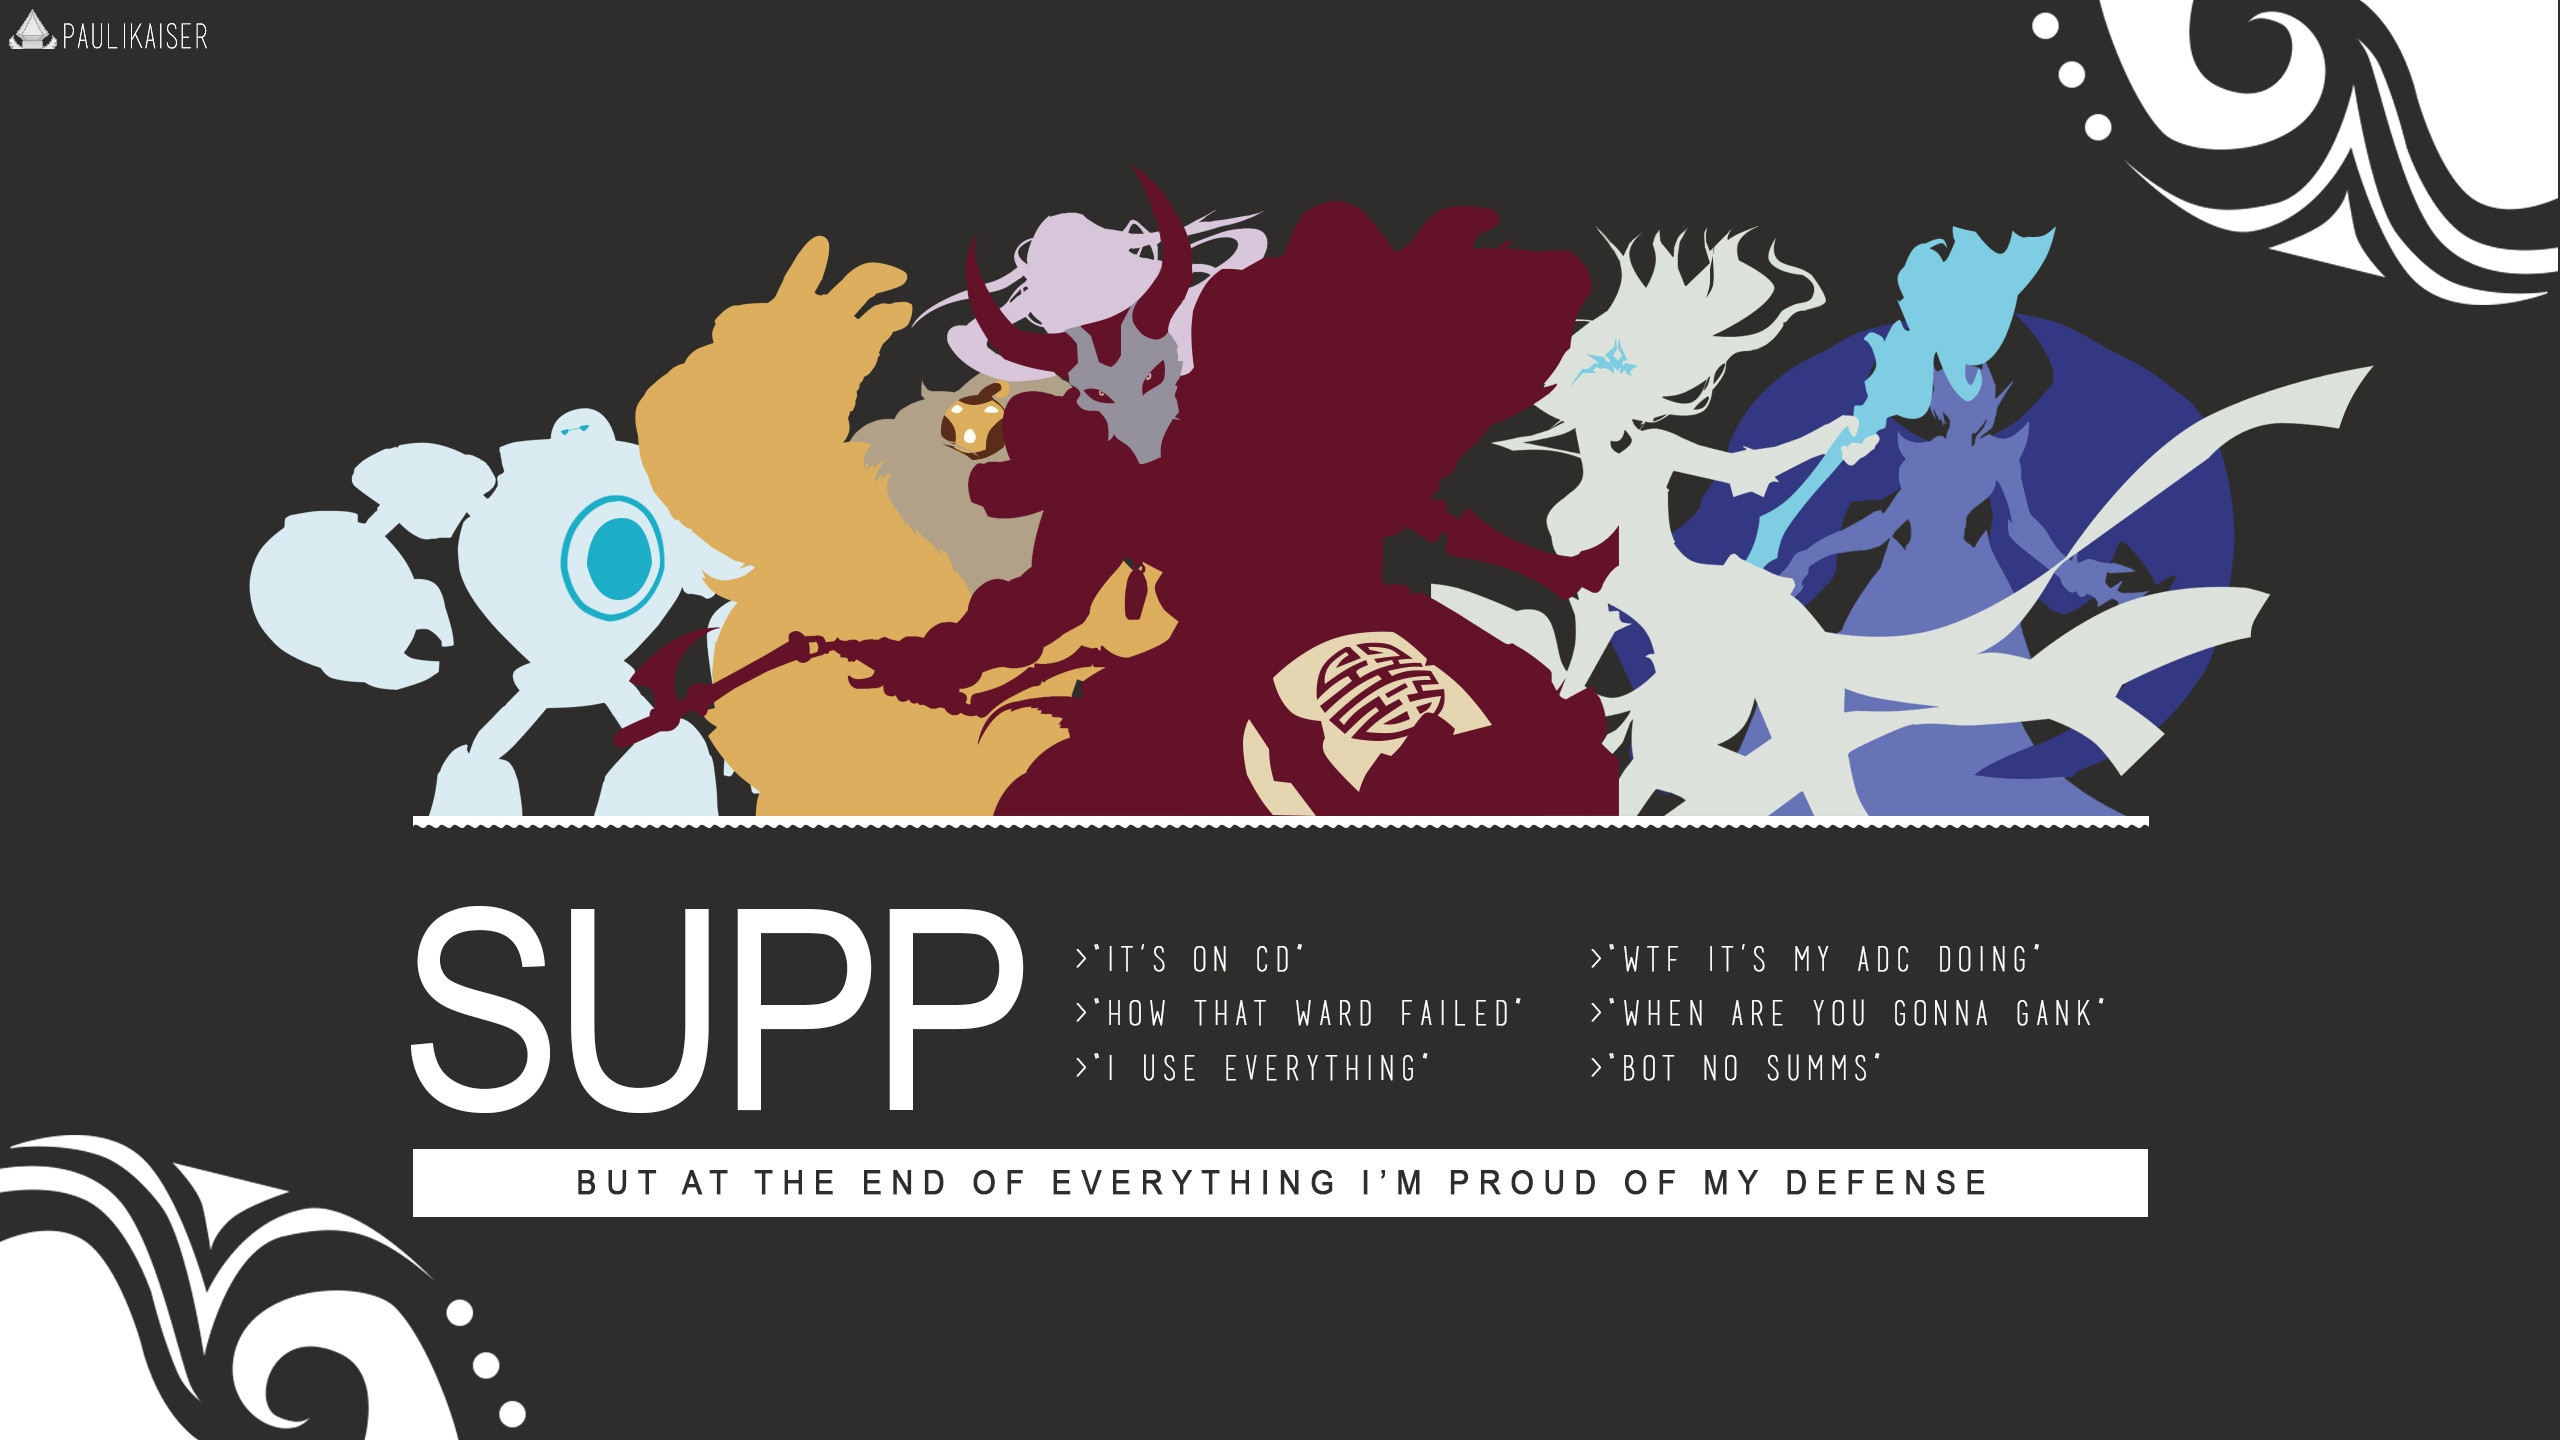 Support by Paulikaiser (1) HD Wallpaper Fan Art Artwork League of Legends  lol